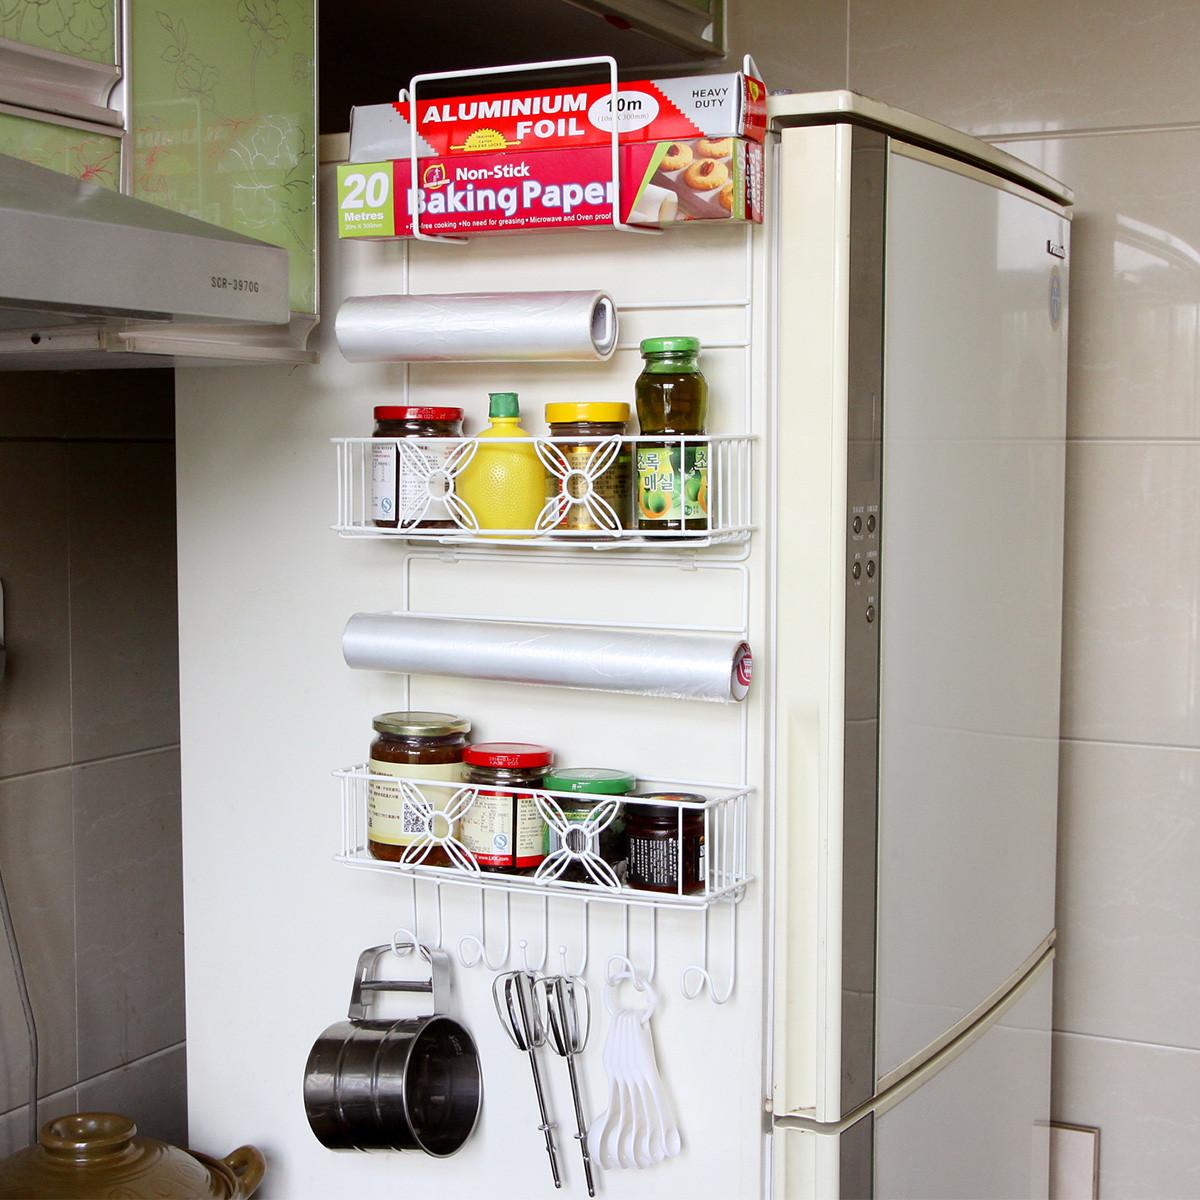 多功能厨房挂置物架_冰箱挂架侧壁挂件厨房置物架收